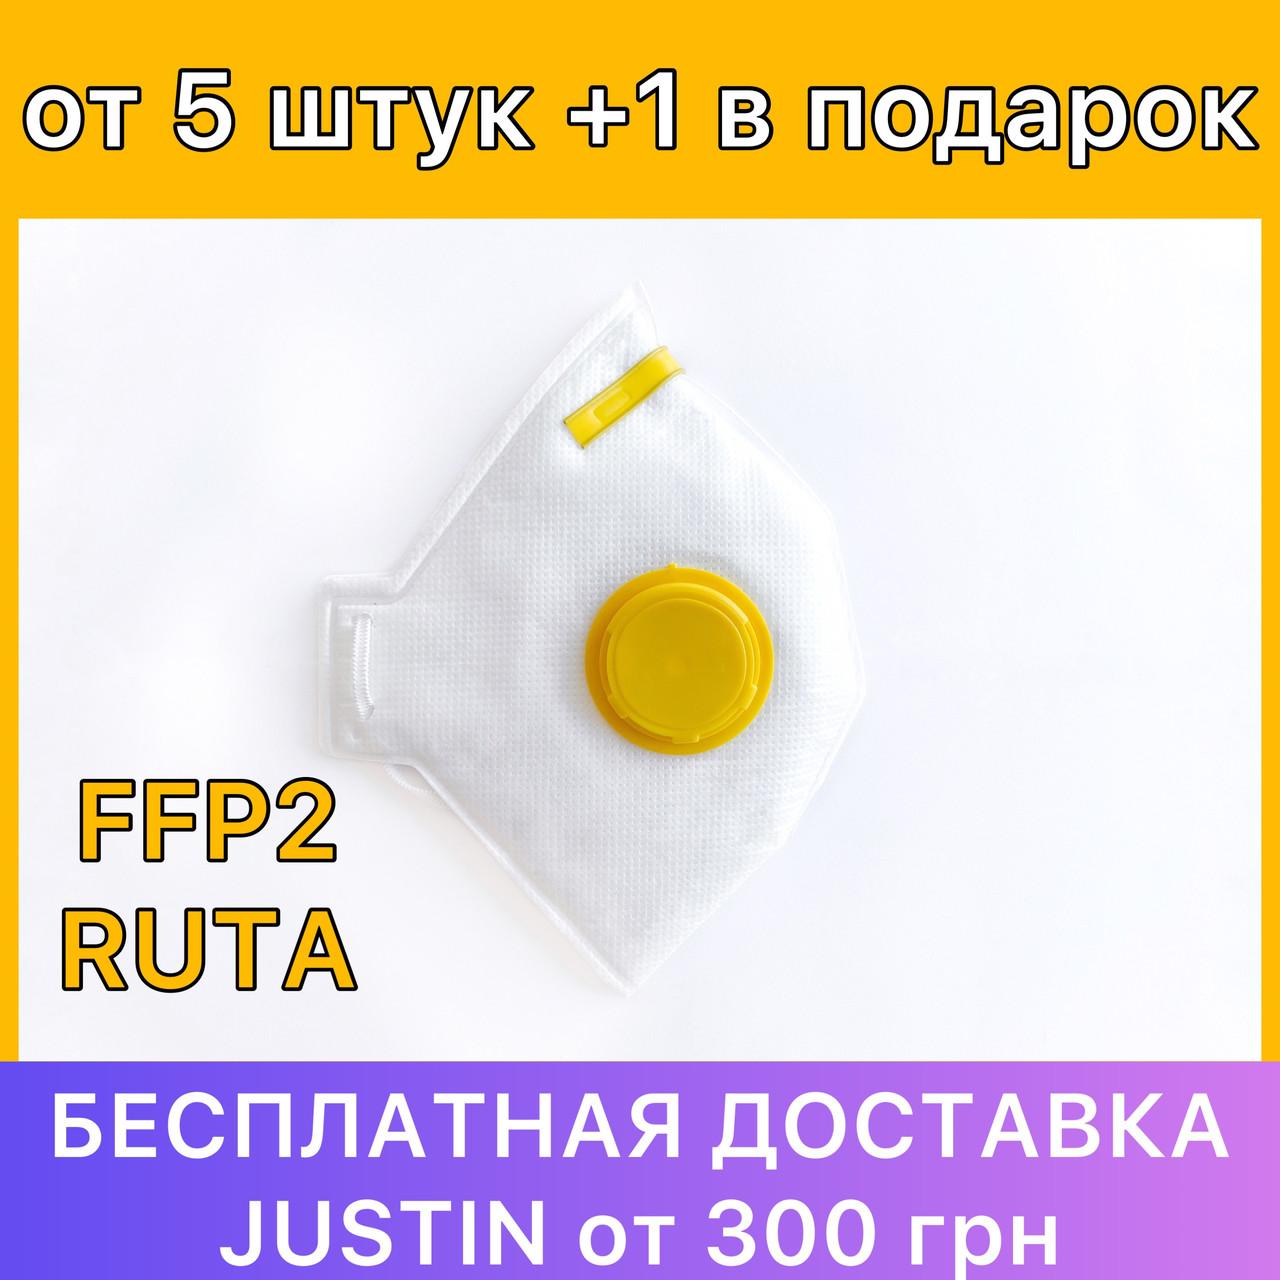 Респіратор FFP2 з клапаном Рута ФФП2 , захисна багаторазова маска для обличчя від вірусів ОРИГІНАЛ